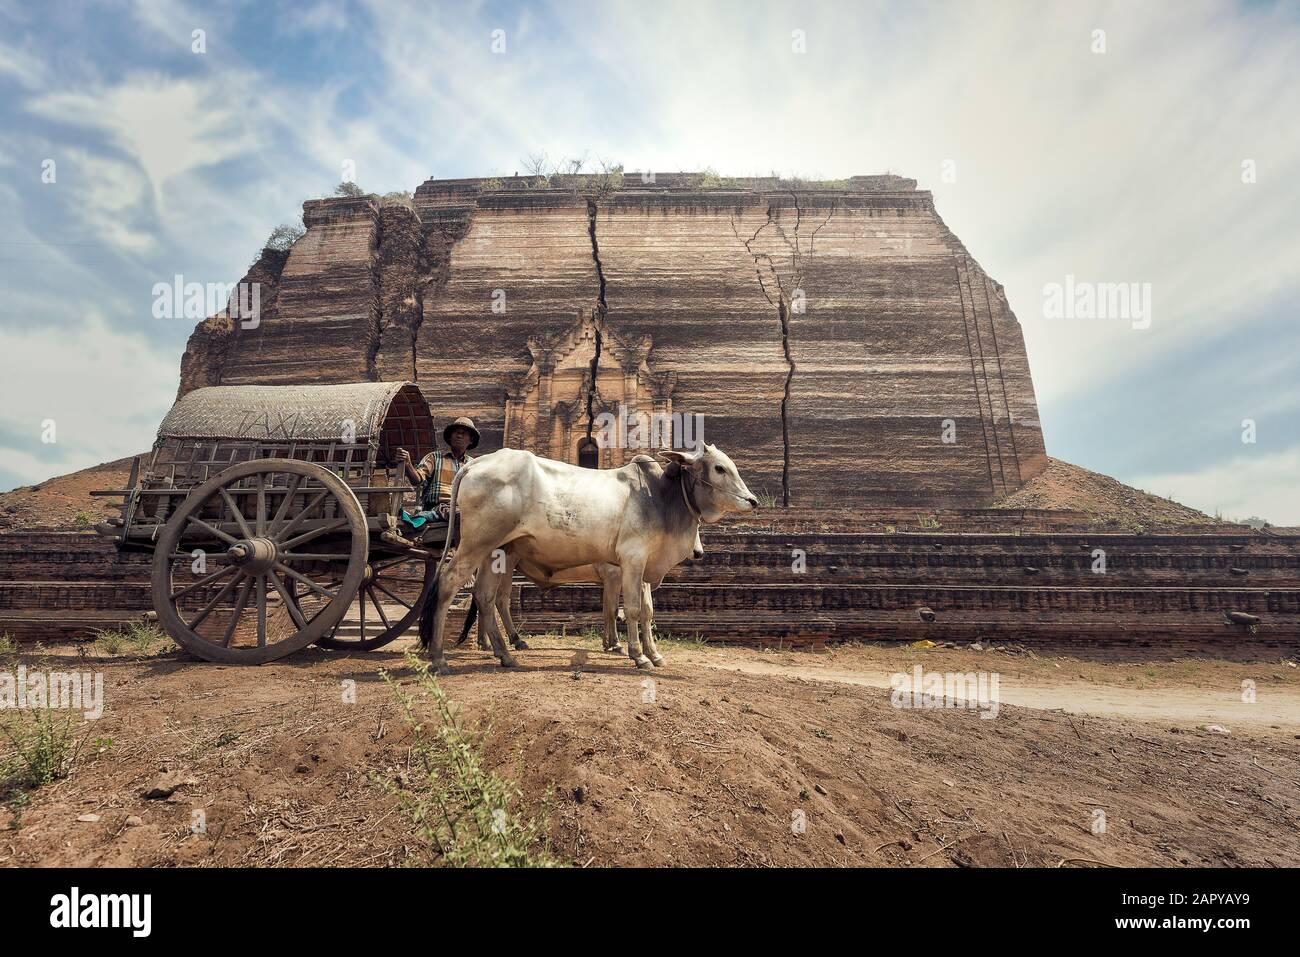 El hombre rural birmana conduce carro de madera con vida de pueblo tradicional en Birmania campo Foto de stock